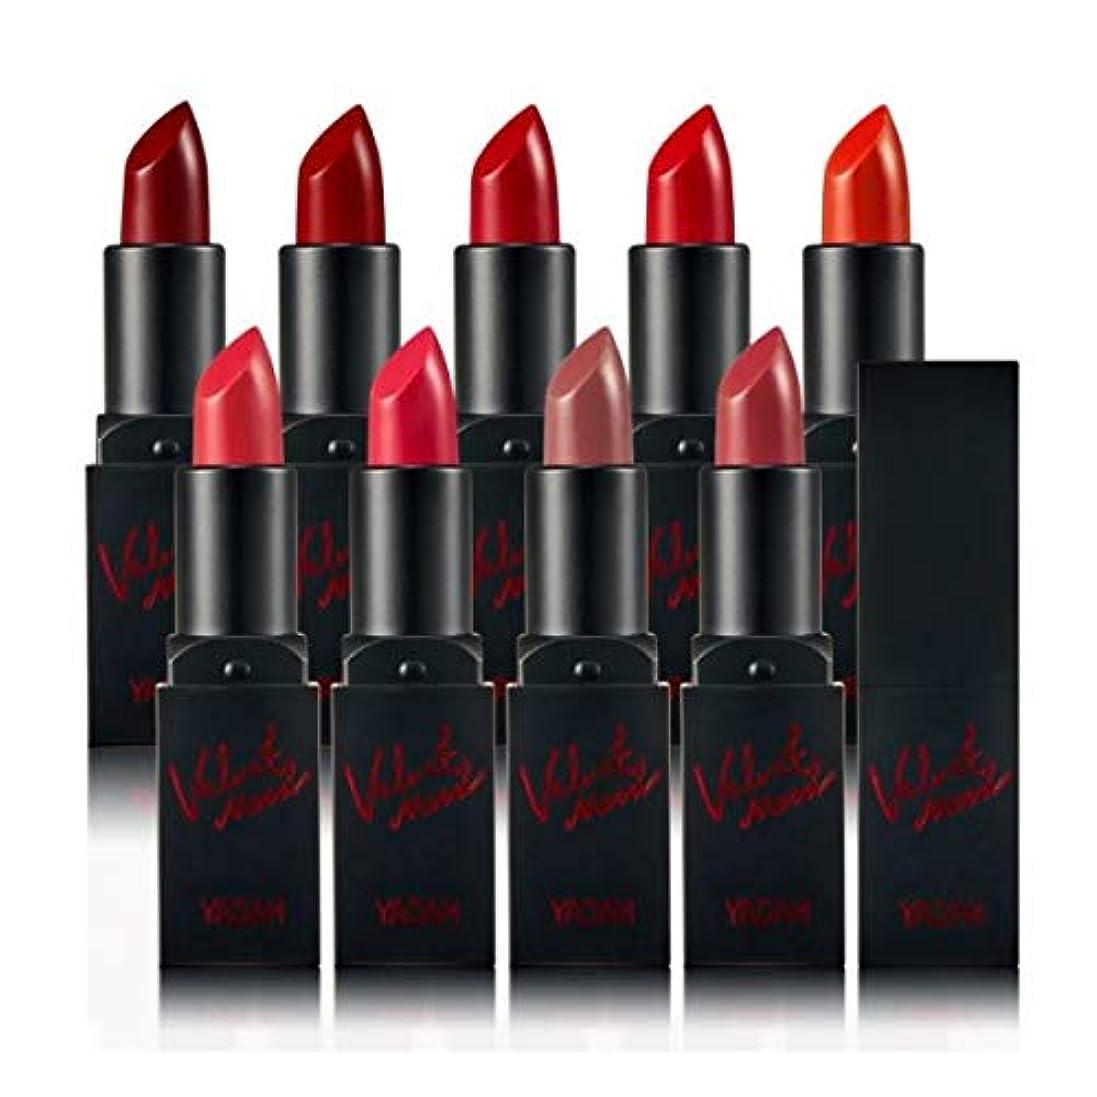 換気クロニクル順番YADAH Velvet Mood Lipstick #09 Brick Red 3.3g ベルベットムードマットリップスティック - 3.3g[並行輸入品]